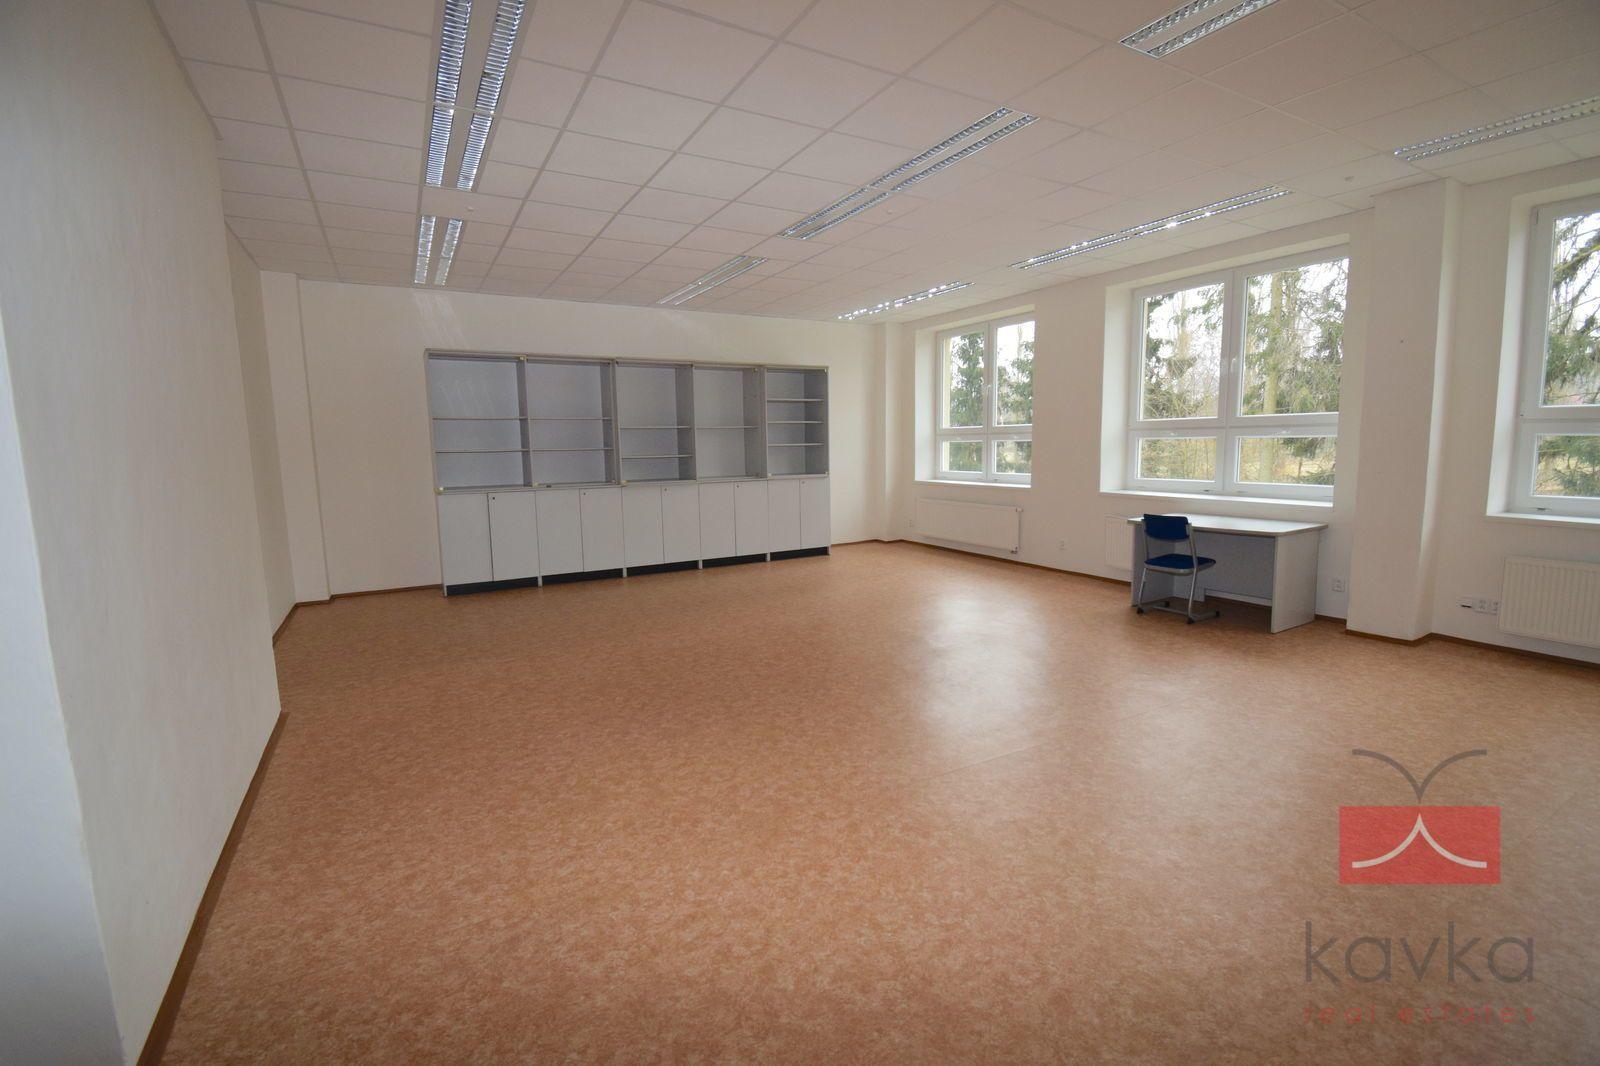 Pronájem kancelářských prostor, 286 m2, Lužická, Humpolec